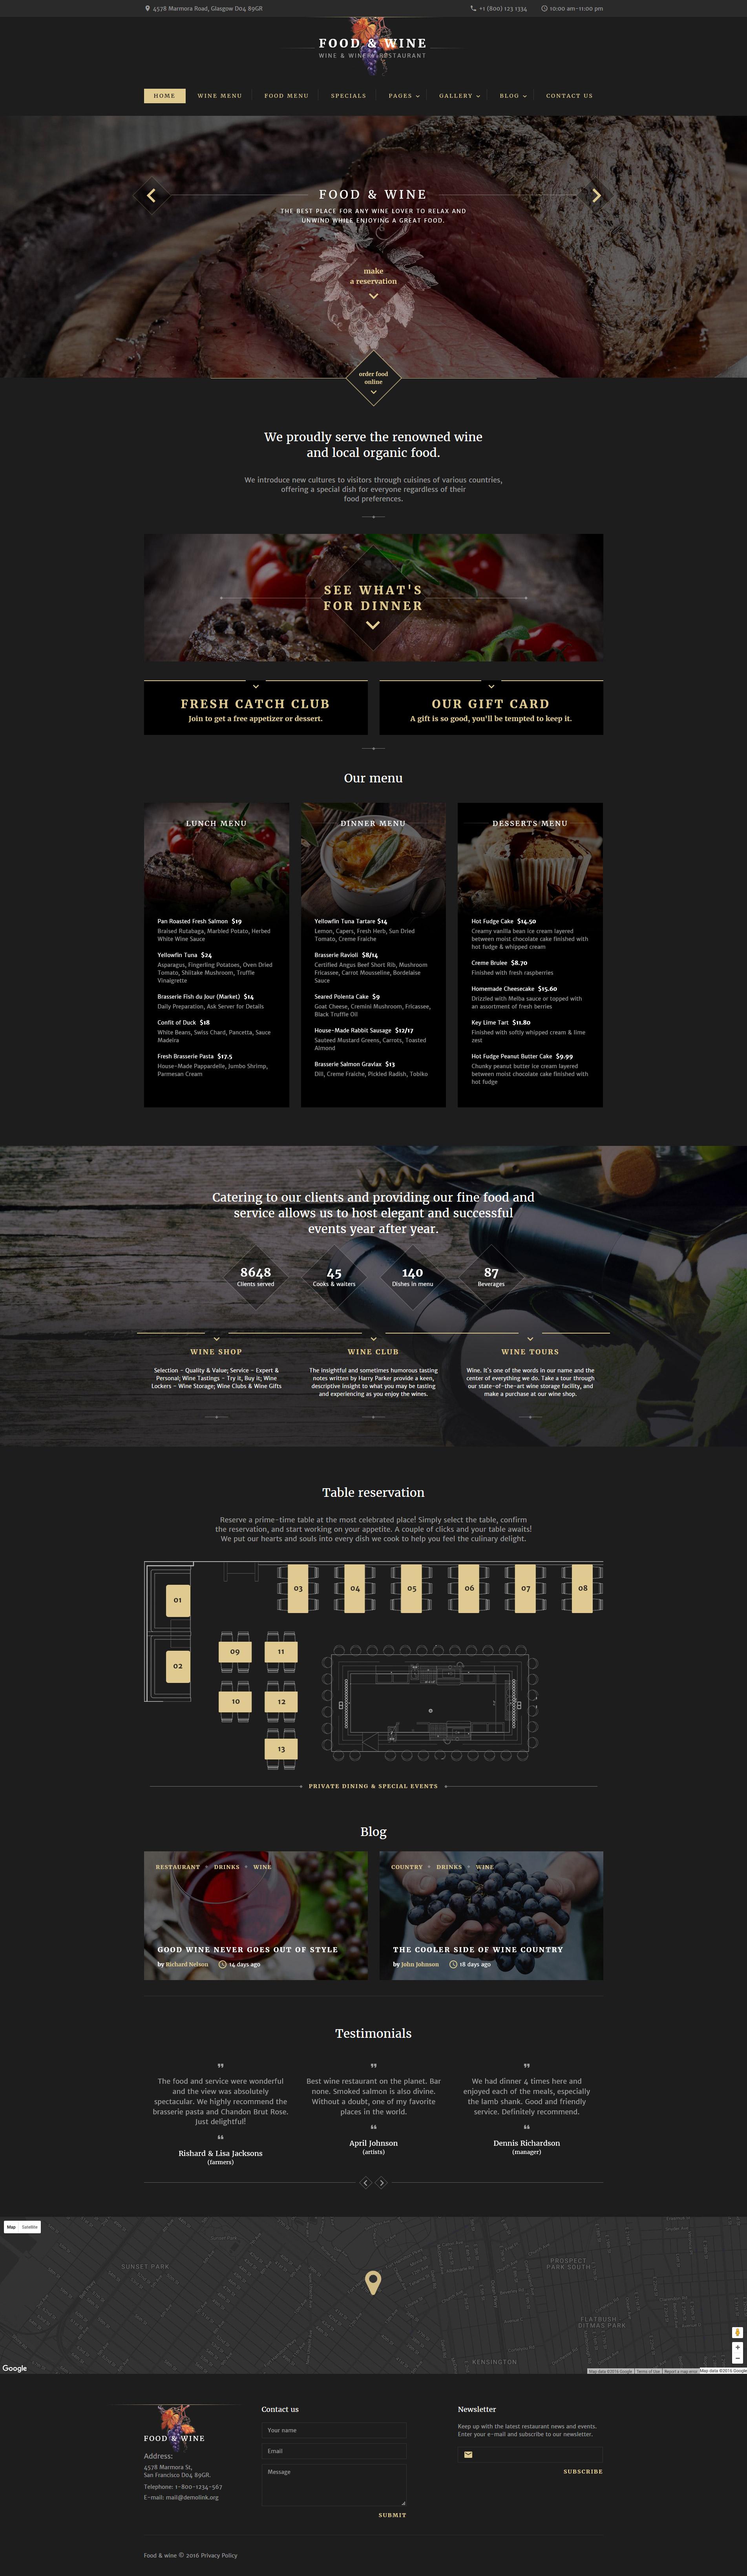 Responsywny szablon strony www Food  Wine #60038 - zrzut ekranu